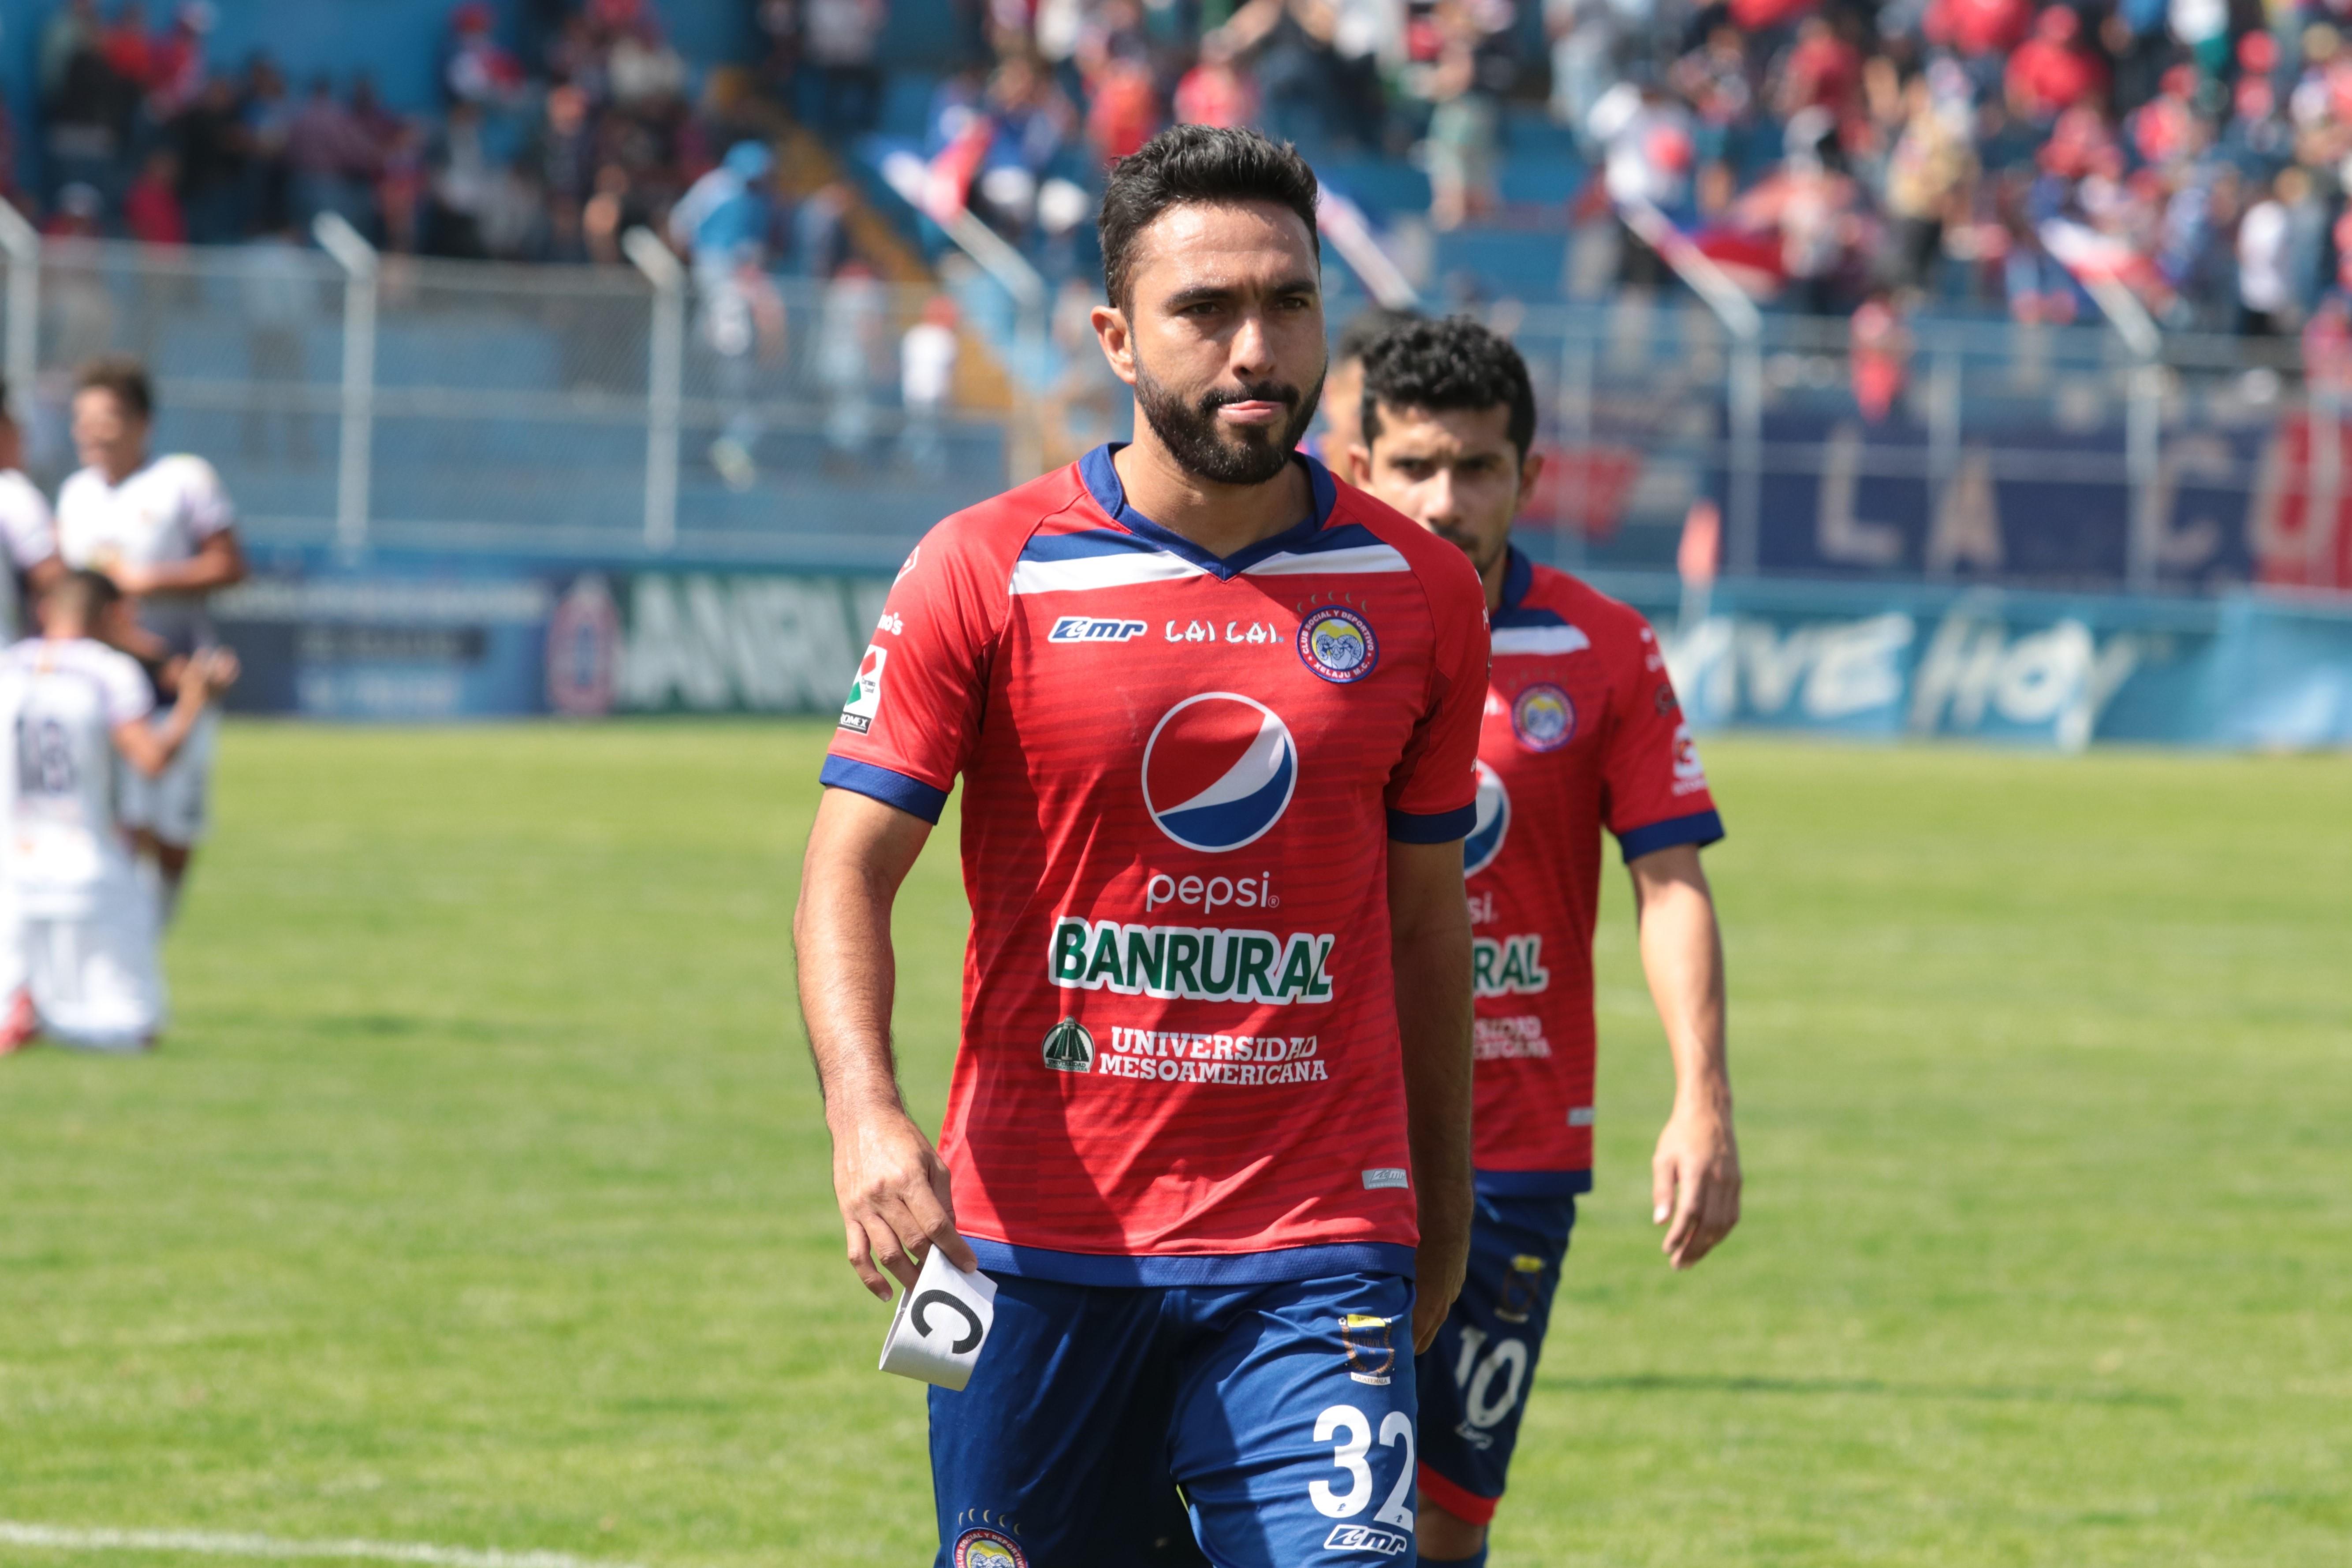 El delantero mexicano definirá esta semana su continuidad en Xelajú. (Foto Prensa Libre: Raúl Juárez)